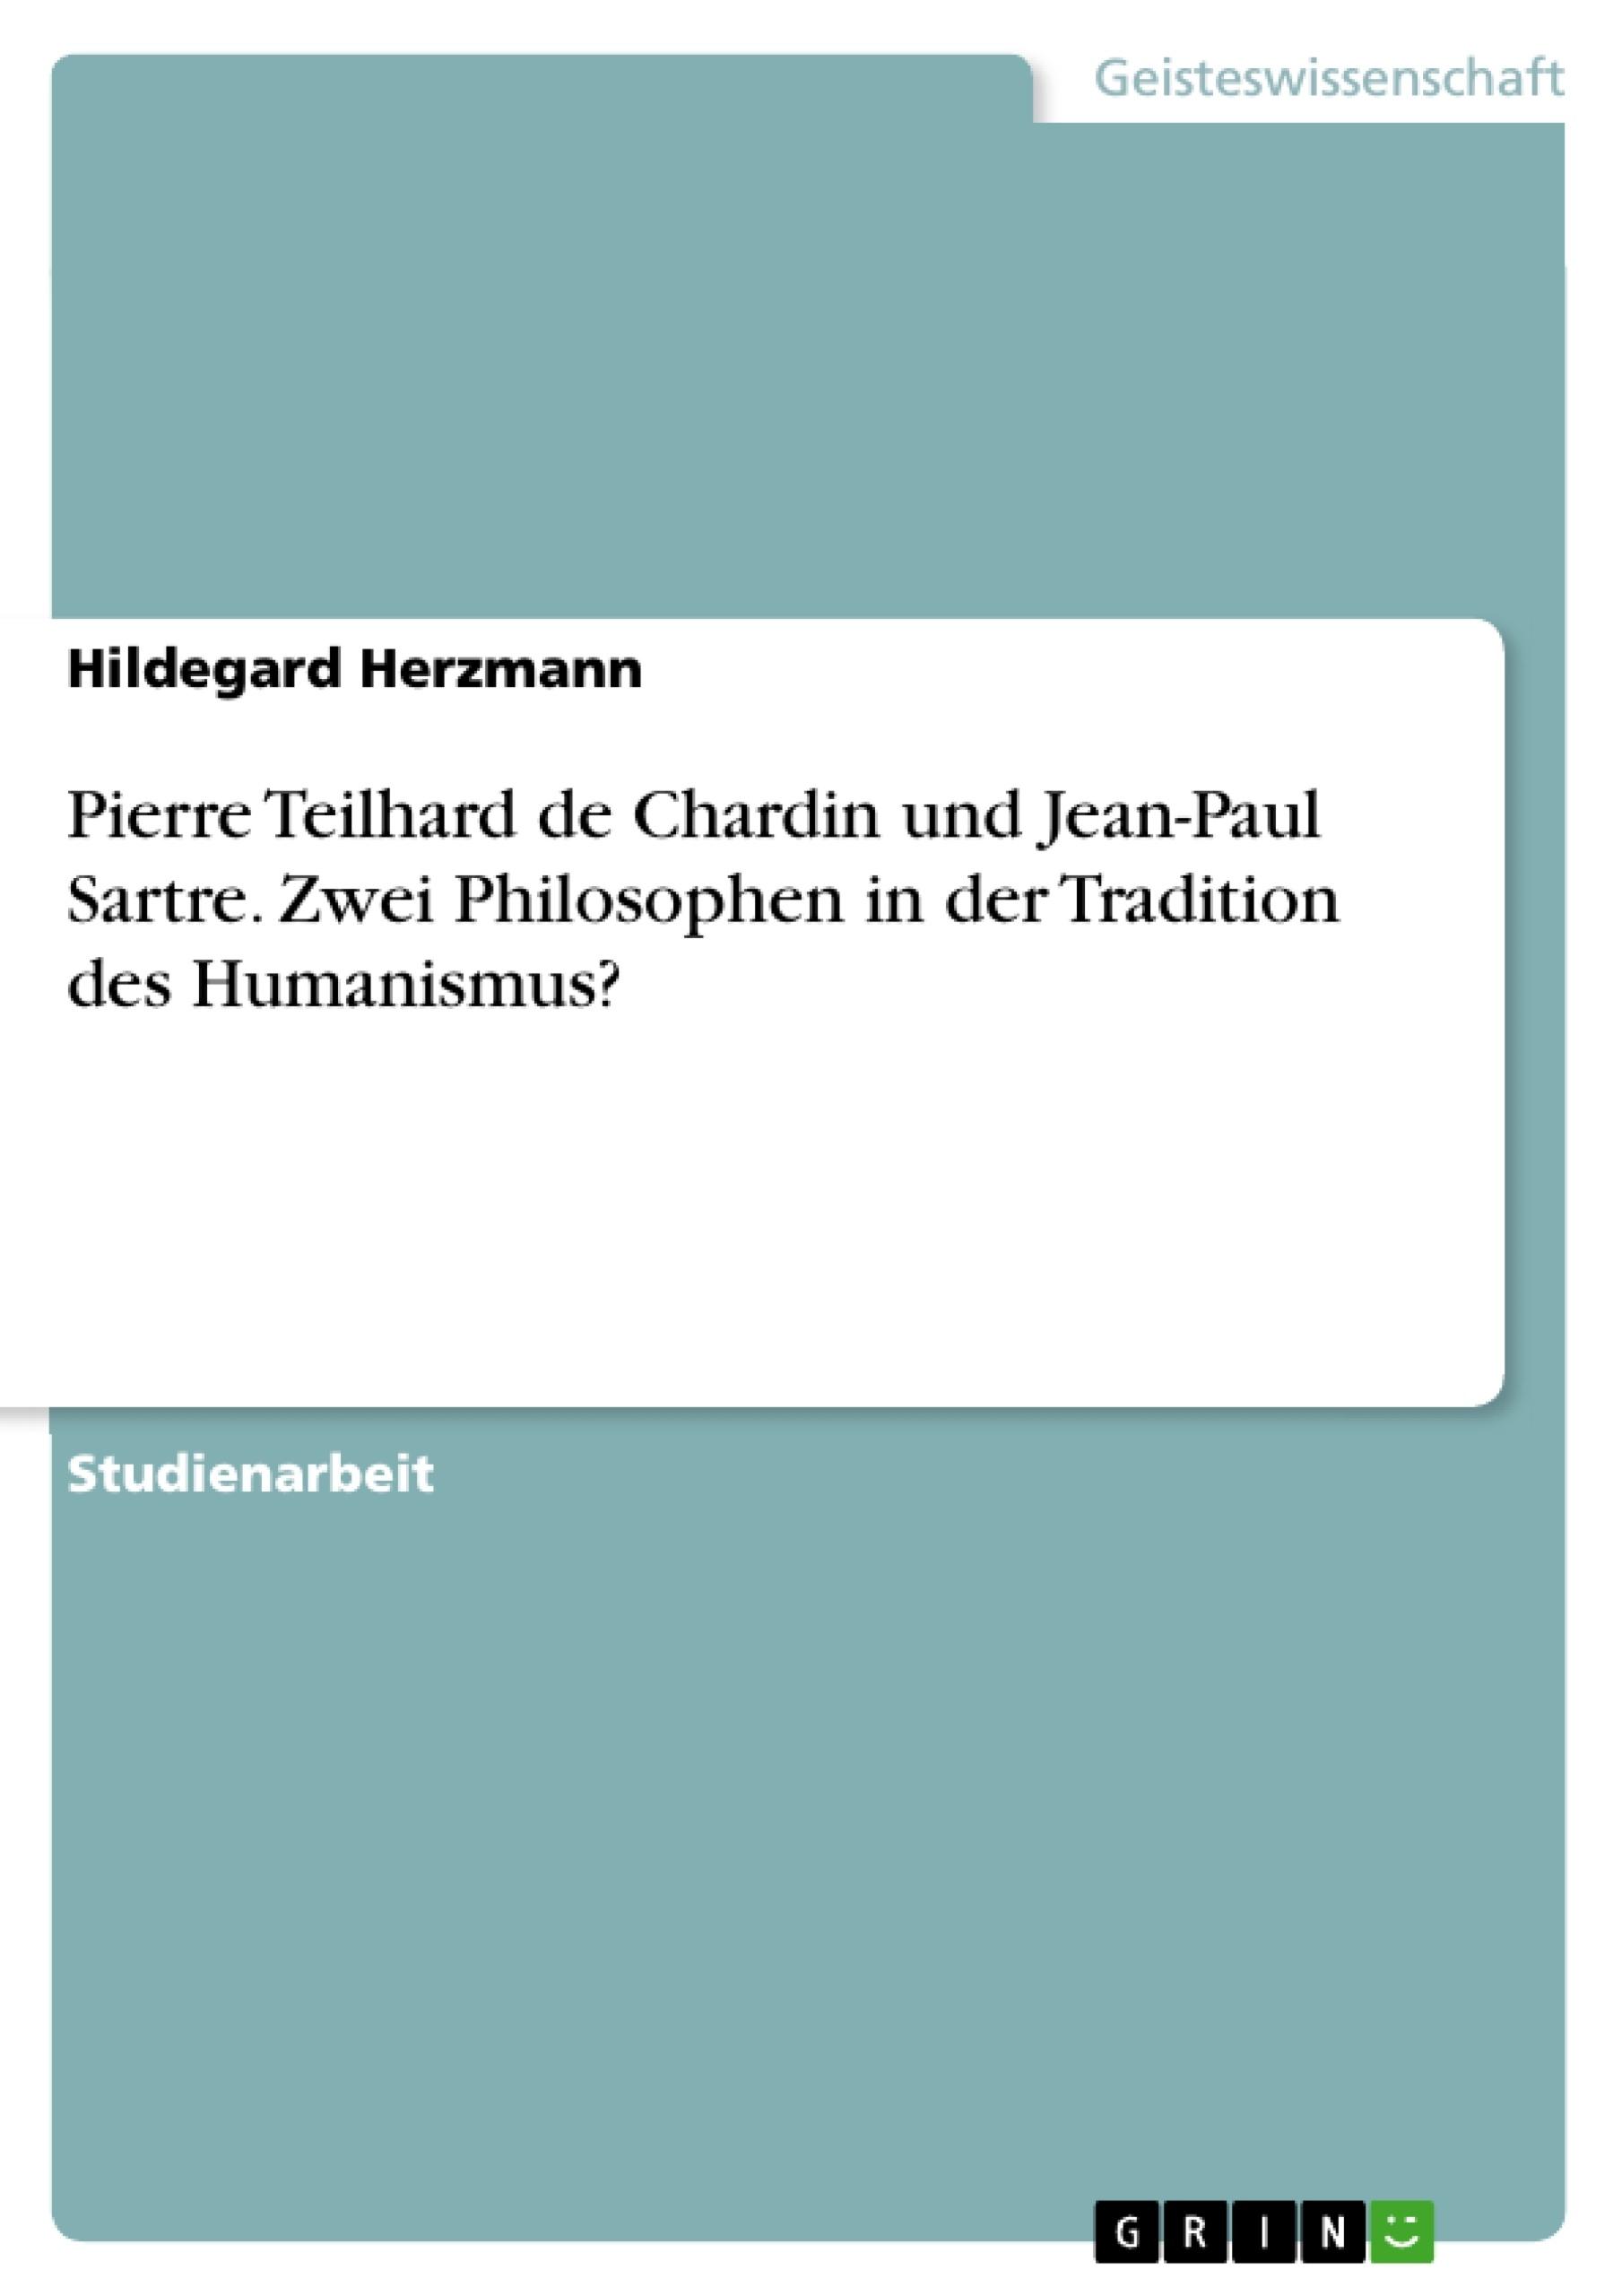 Titel: Pierre Teilhard de Chardin und Jean-Paul Sartre. Zwei Philosophen in der Tradition des Humanismus?